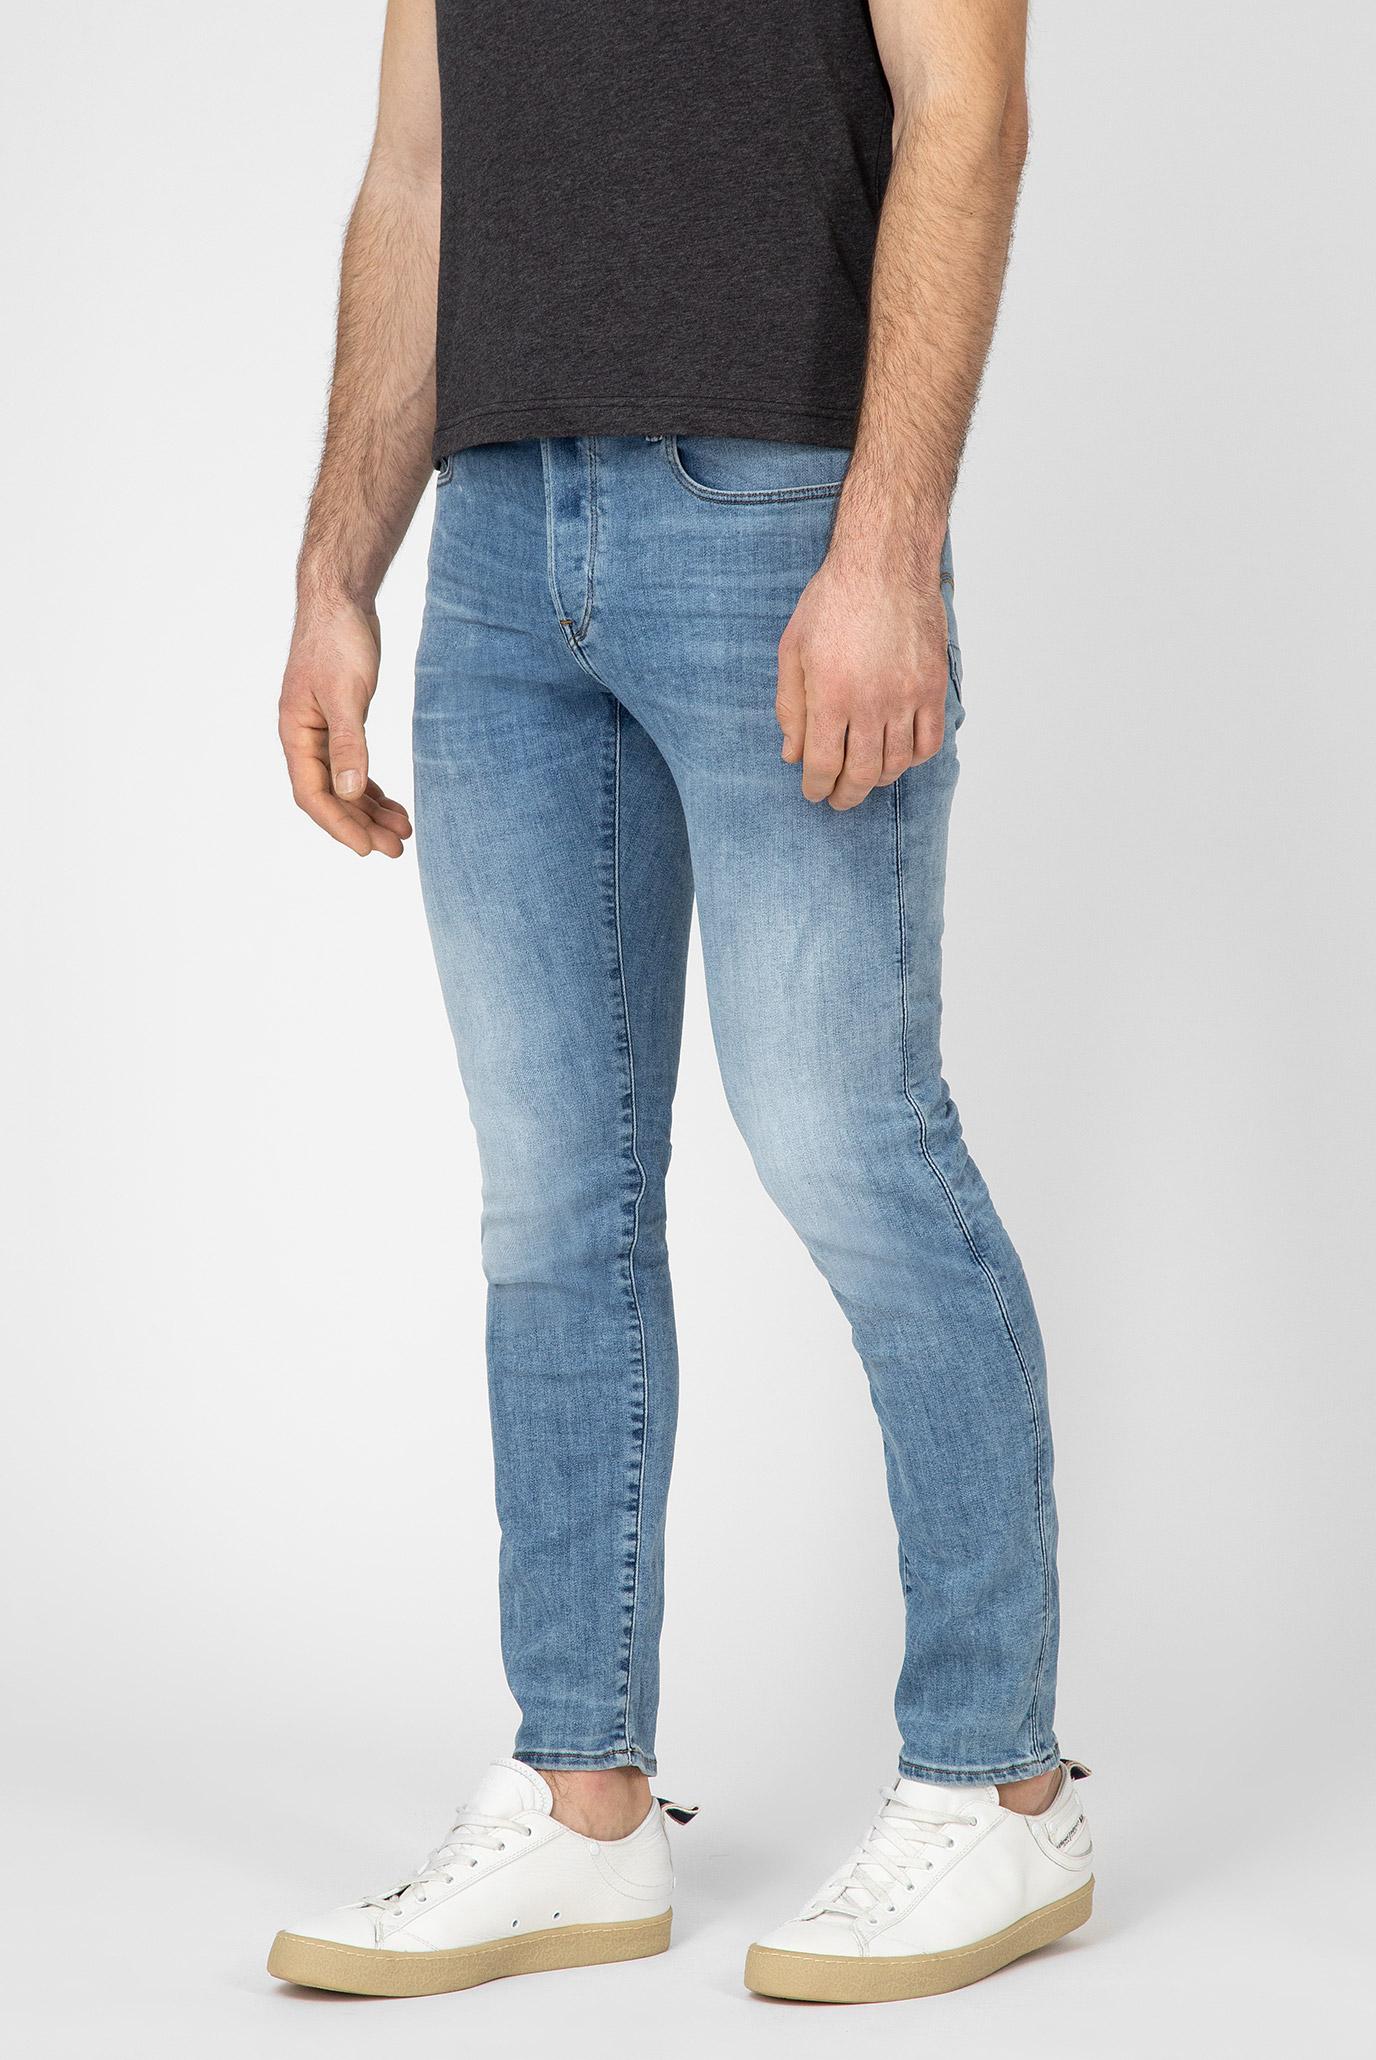 Купить Мужские голубые джинсы 3301 Slim 8436 G-Star RAW G-Star RAW 51001,8968 – Киев, Украина. Цены в интернет магазине MD Fashion